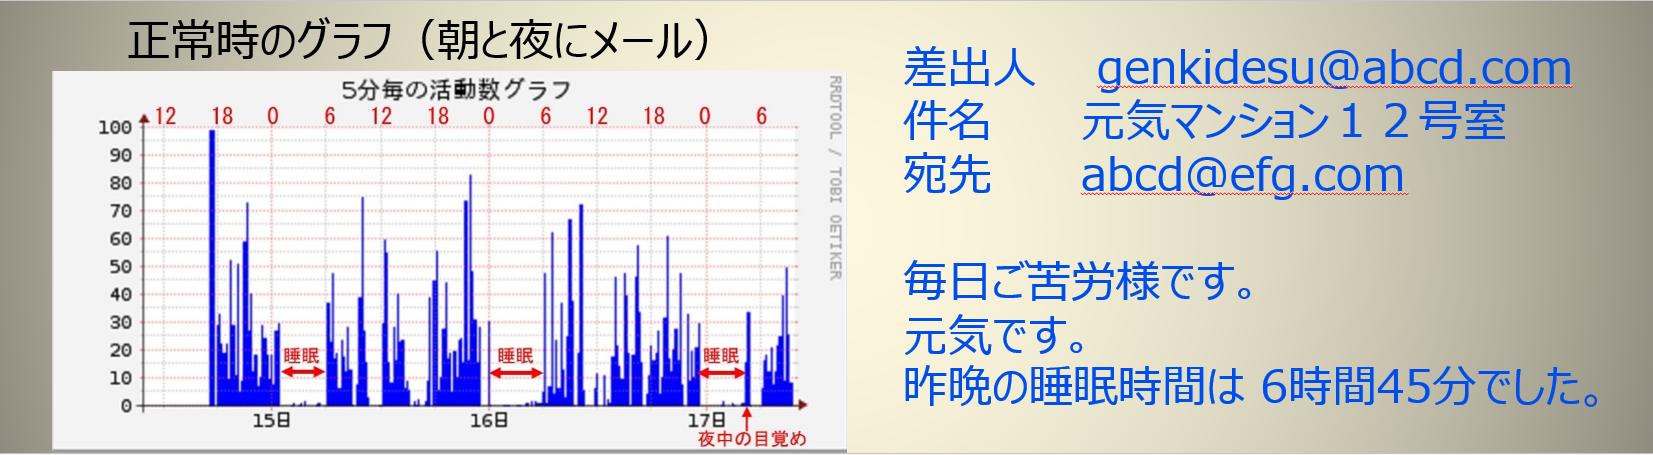 見守り センサー グラフ